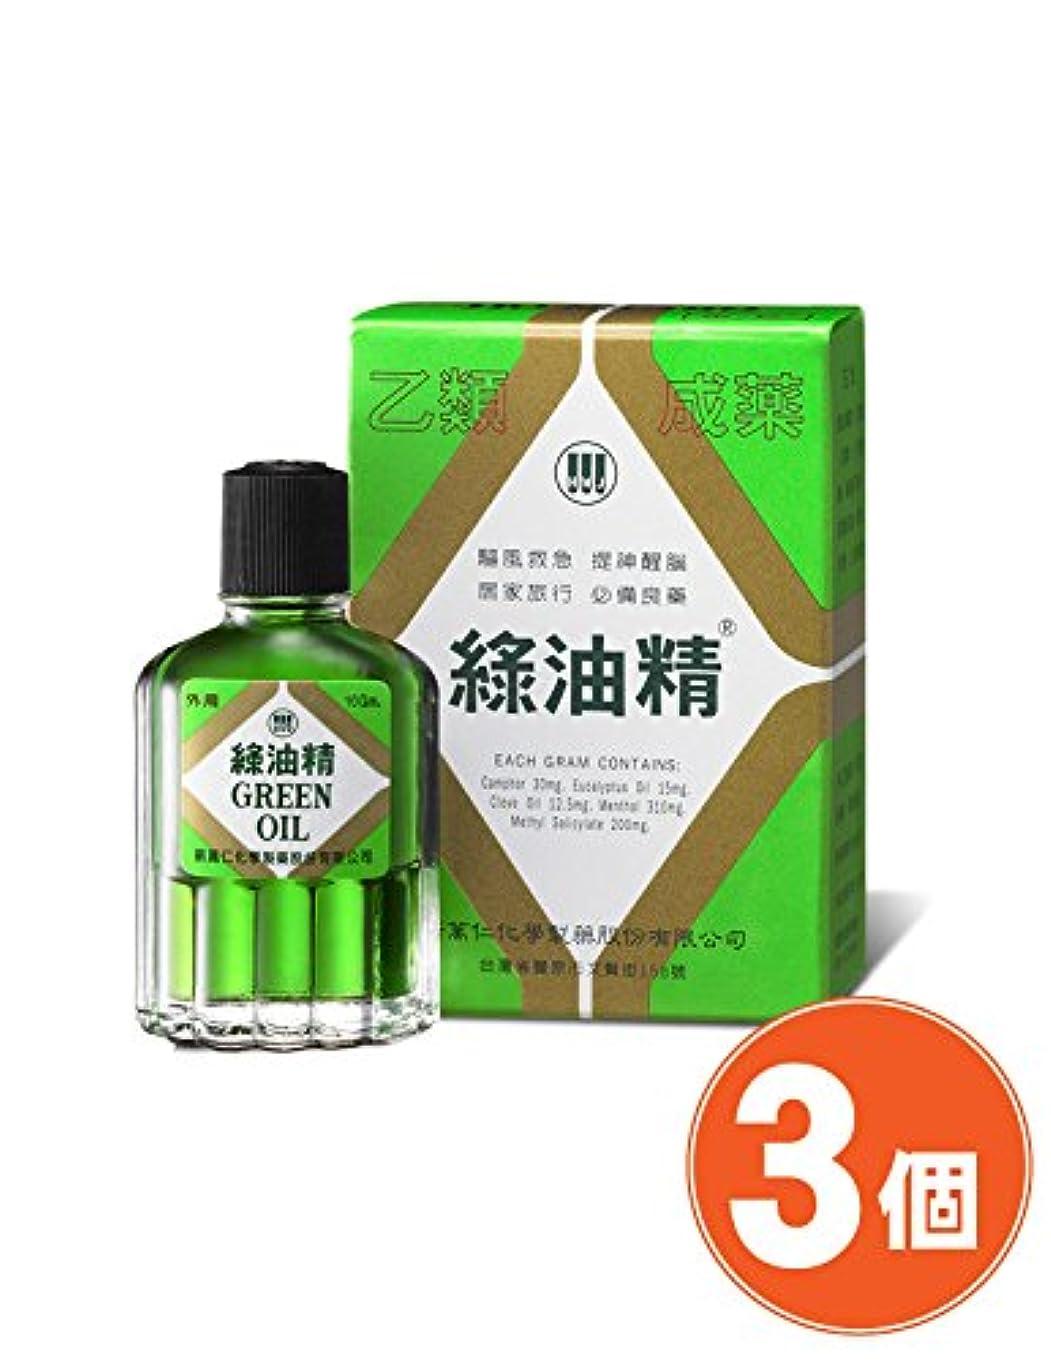 アイスクリーム発音する似ている《新萬仁》台湾の万能グリーンオイル 緑油精 10g ×3個 《台湾 お土産》 [並行輸入品]